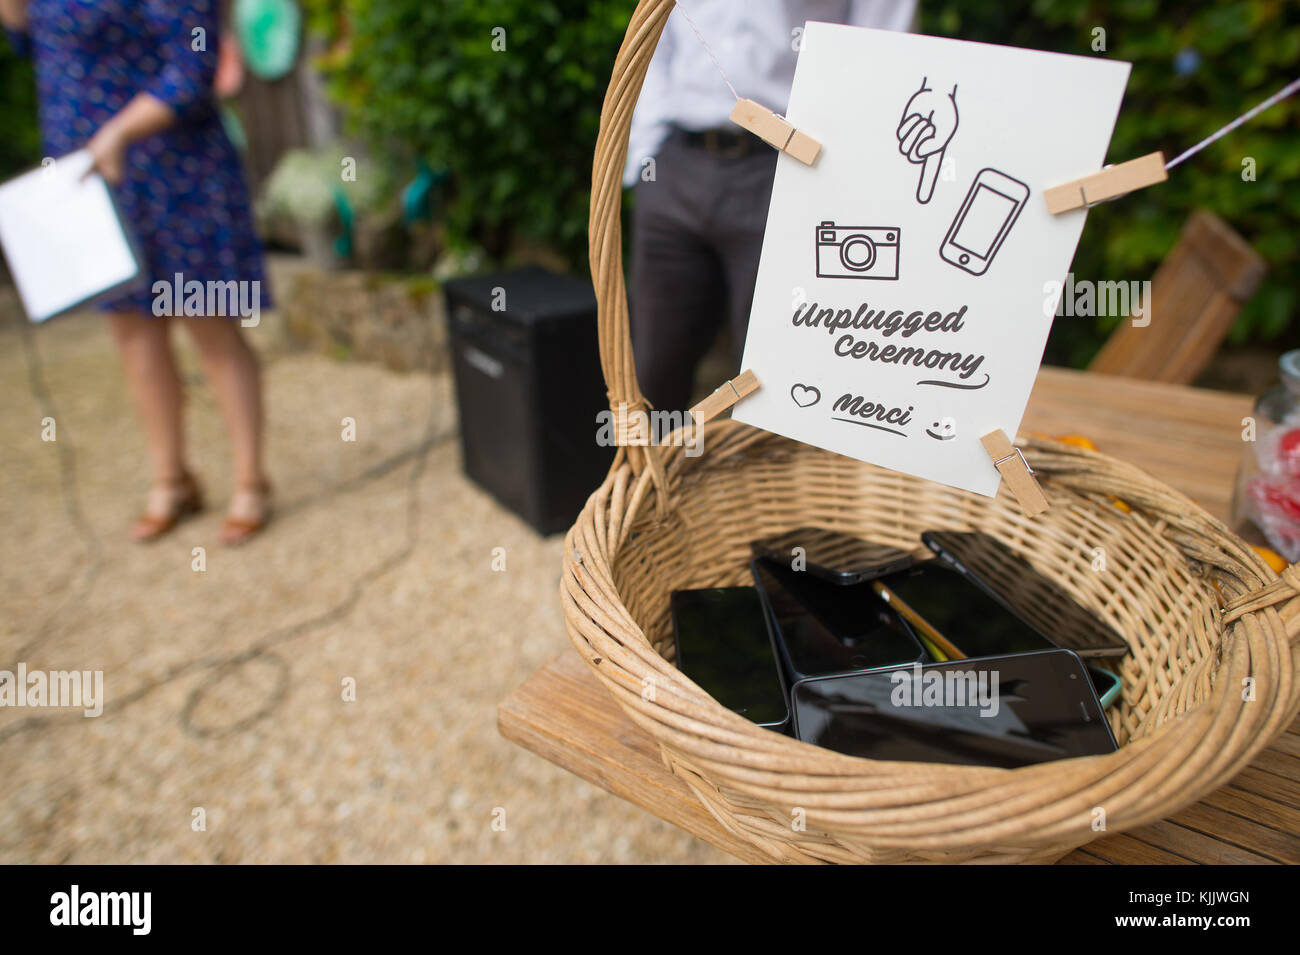 Telefono cellulare cestello. La Francia. Immagini Stock